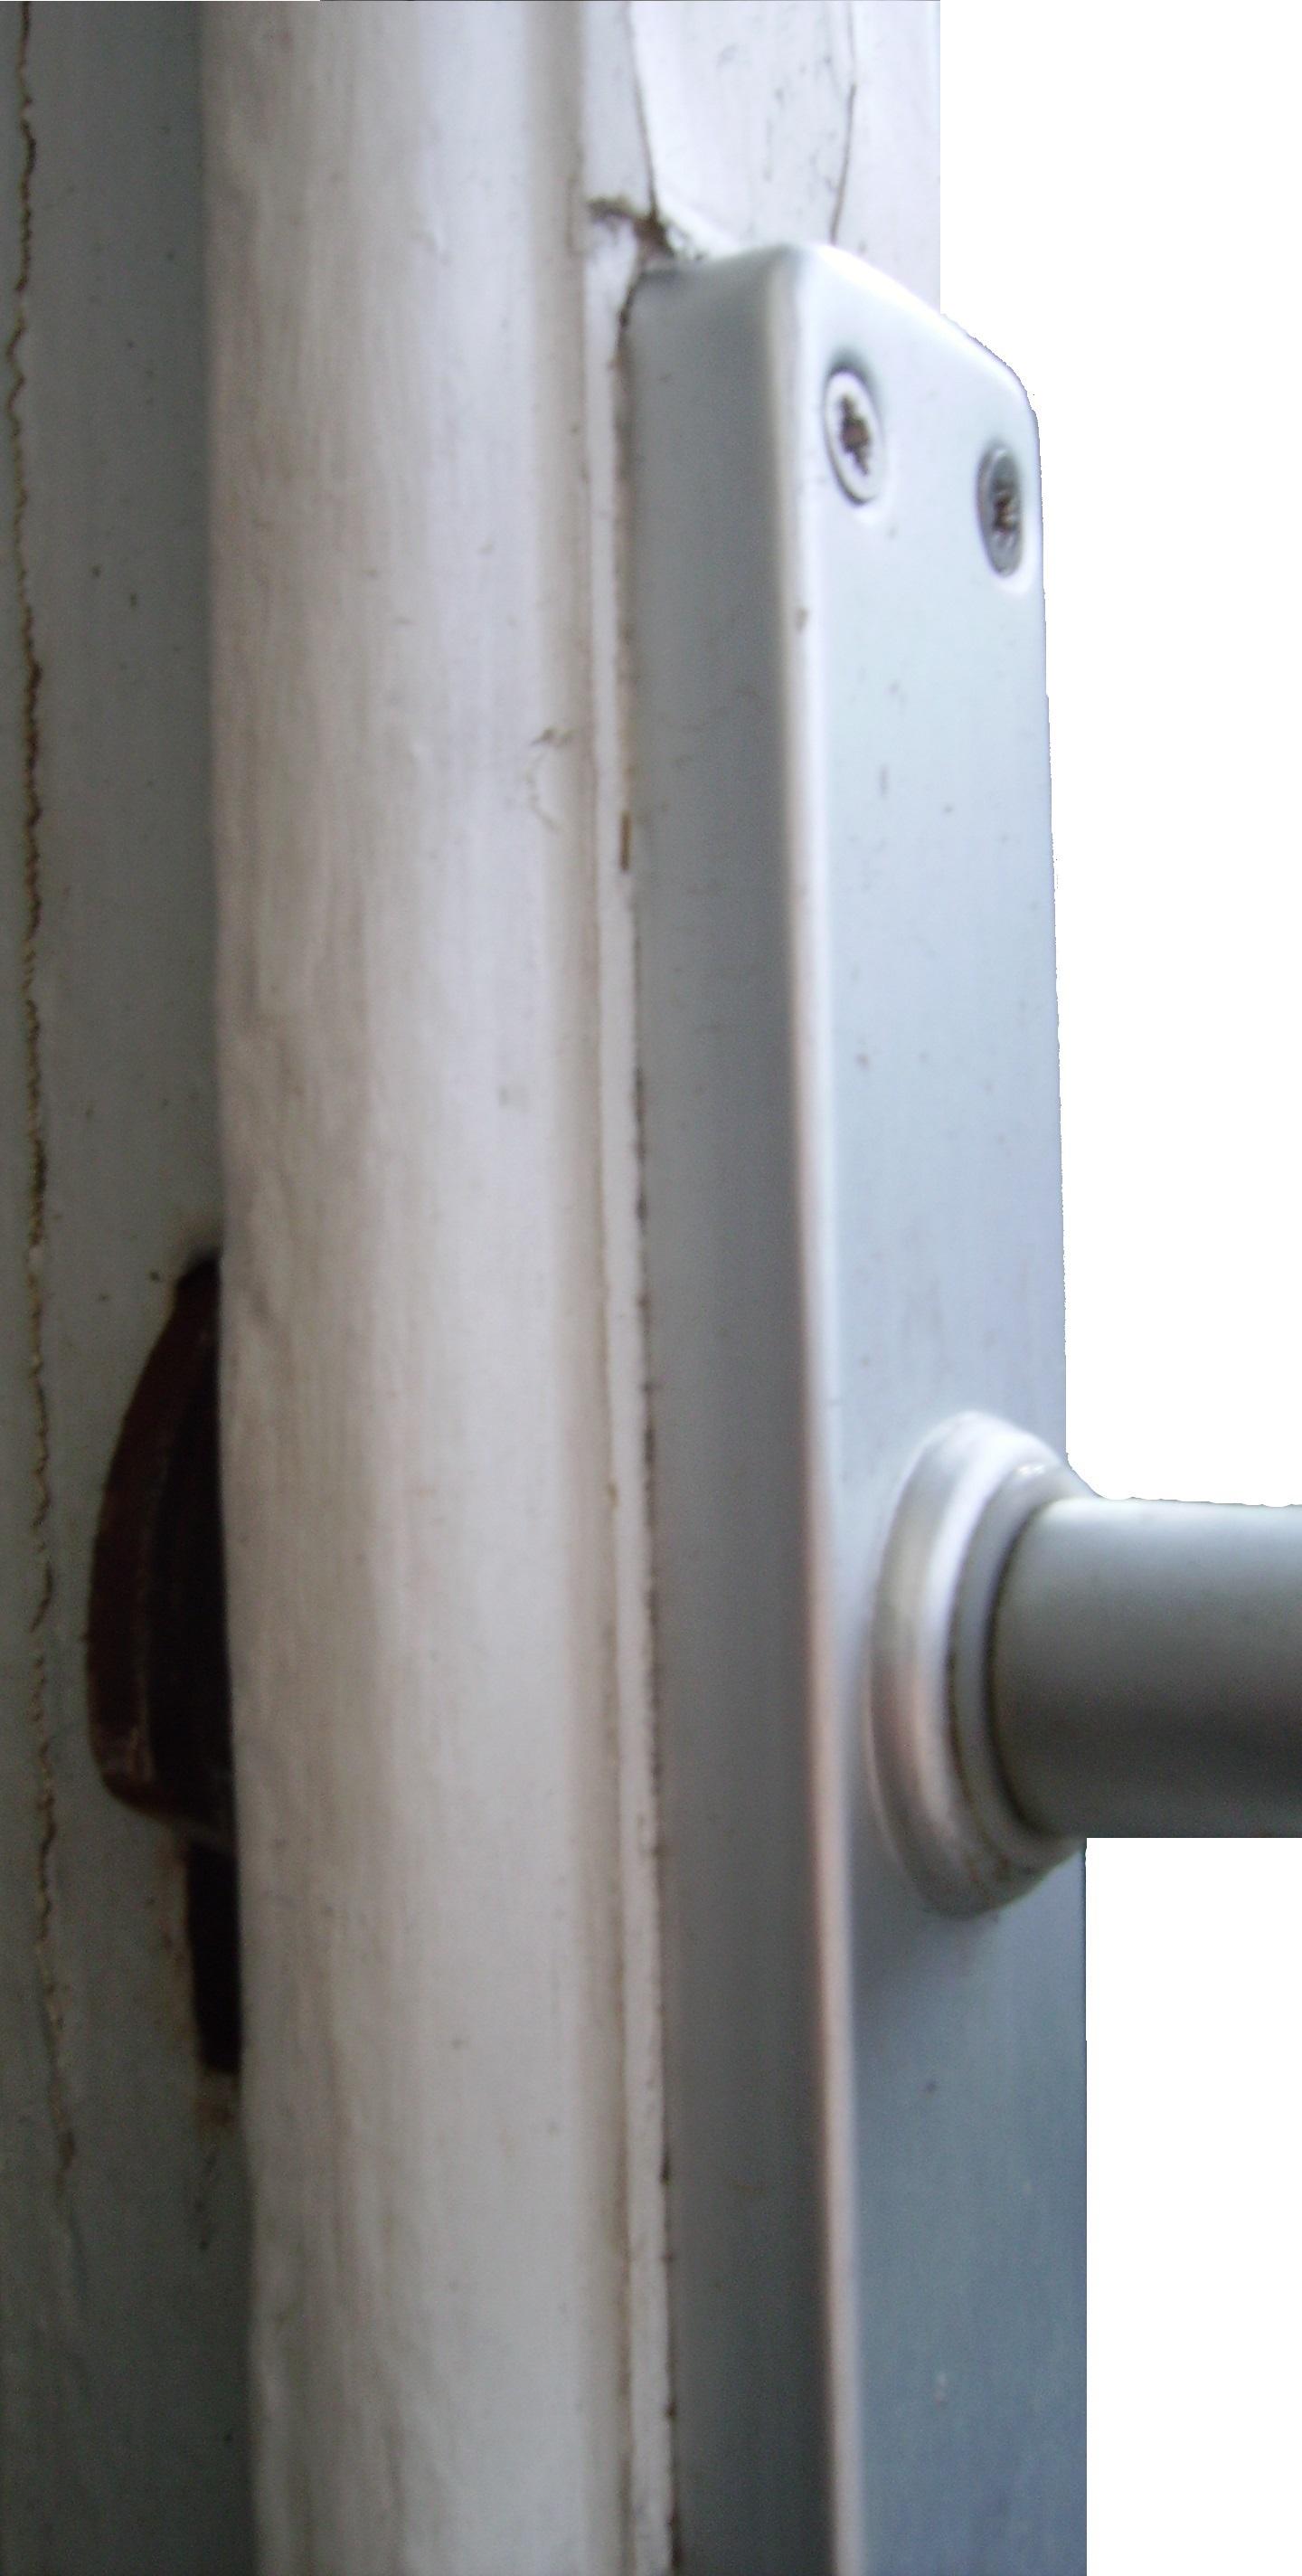 Sostituire i vetri nelle vecchie finestre infissi genova garrone serramenti - Ferramenta per chiusura finestre ...